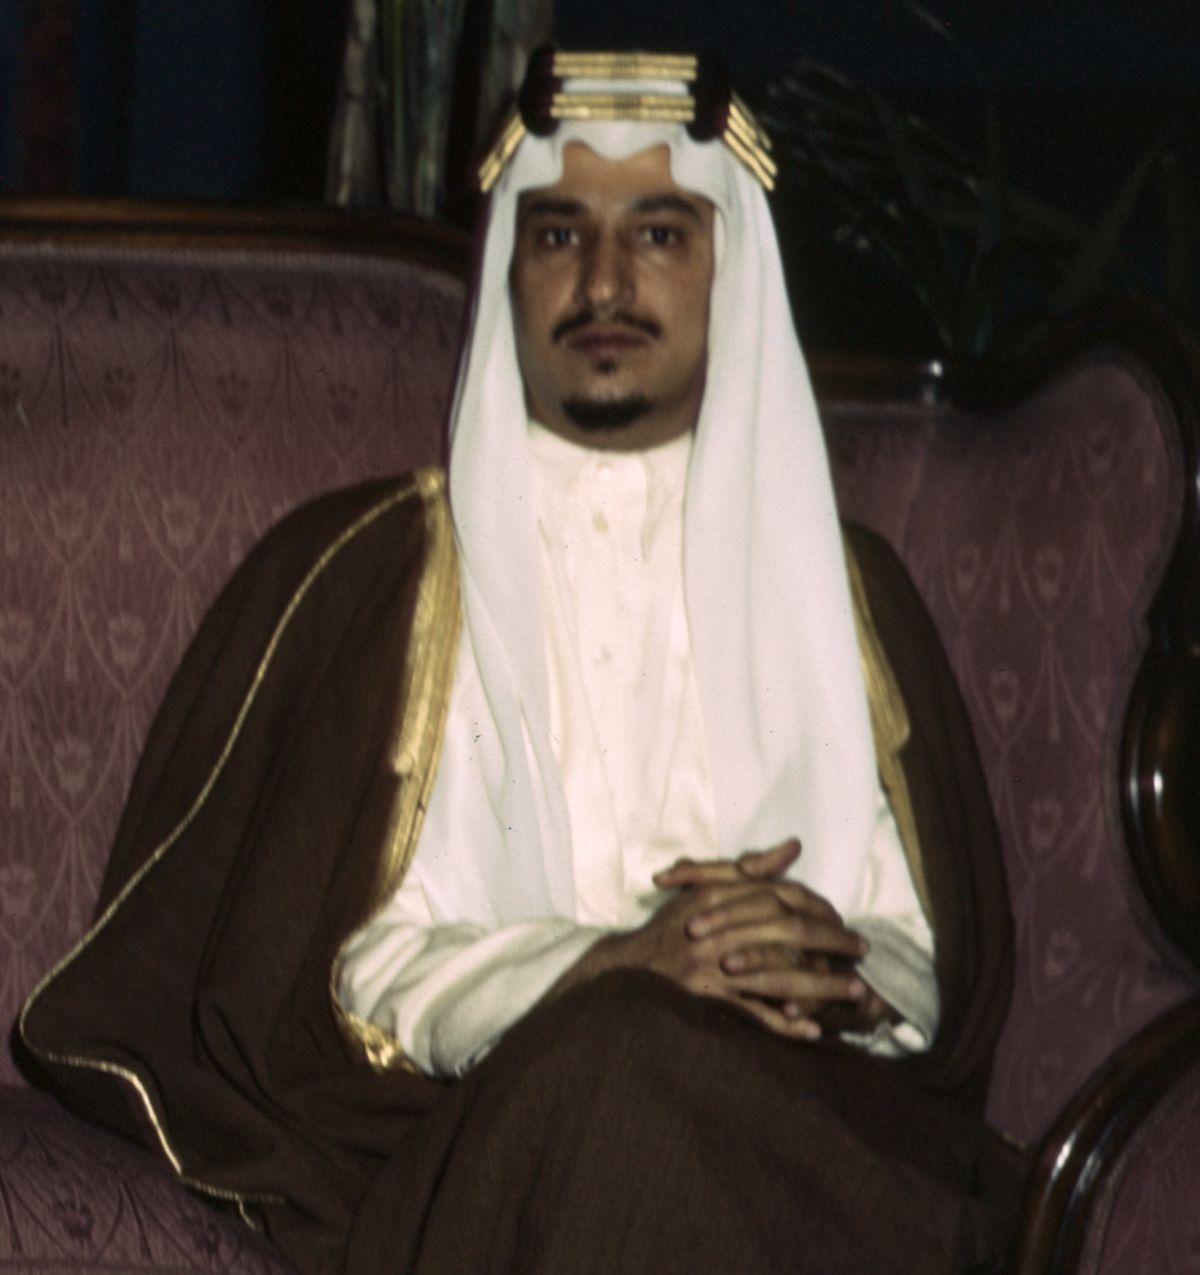 خالد بن عبد العزيز آل سعود المعرفة